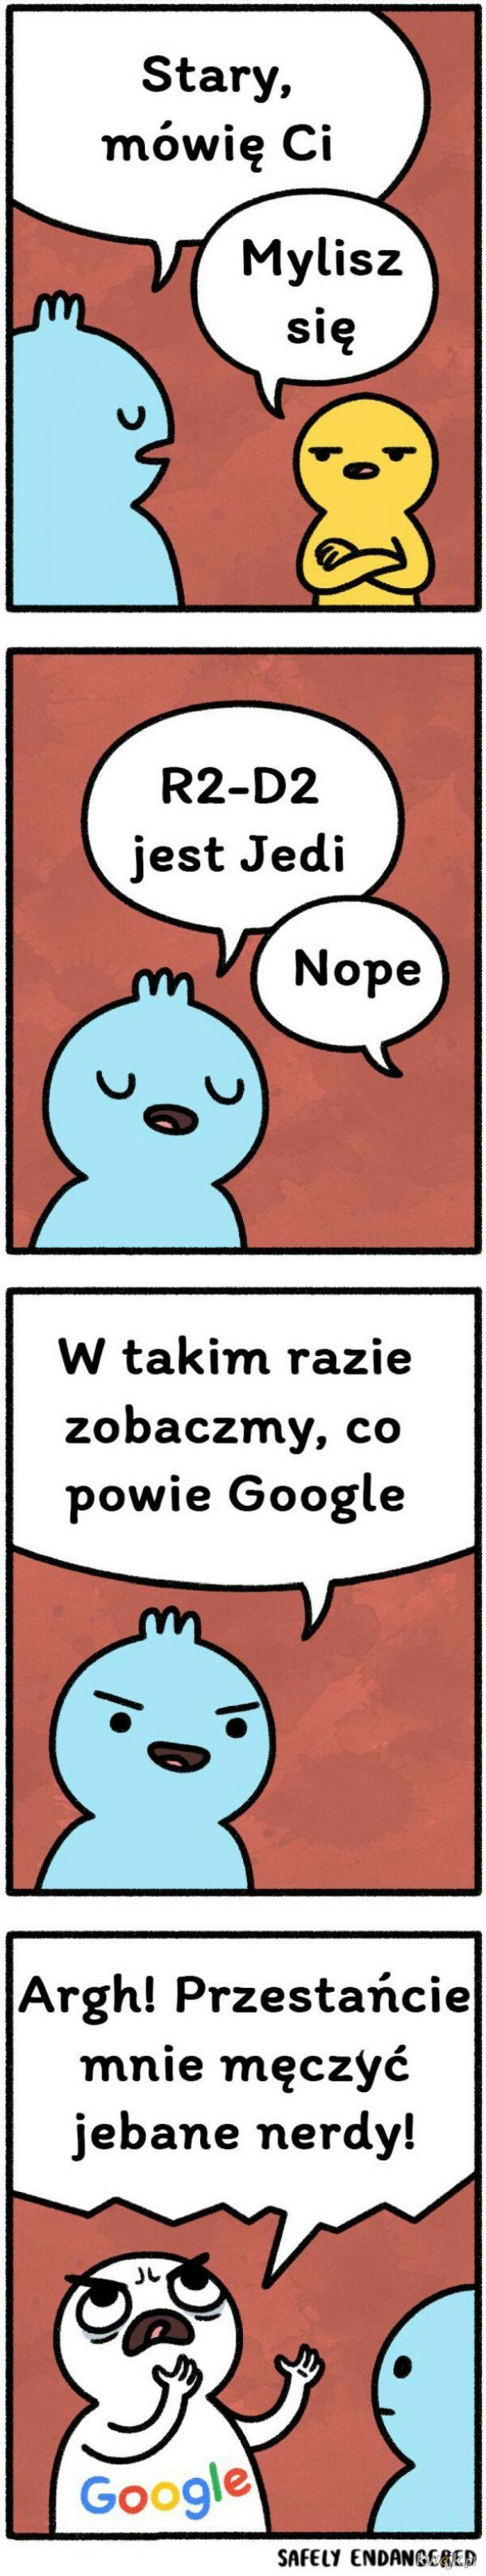 Google prawde ci powie